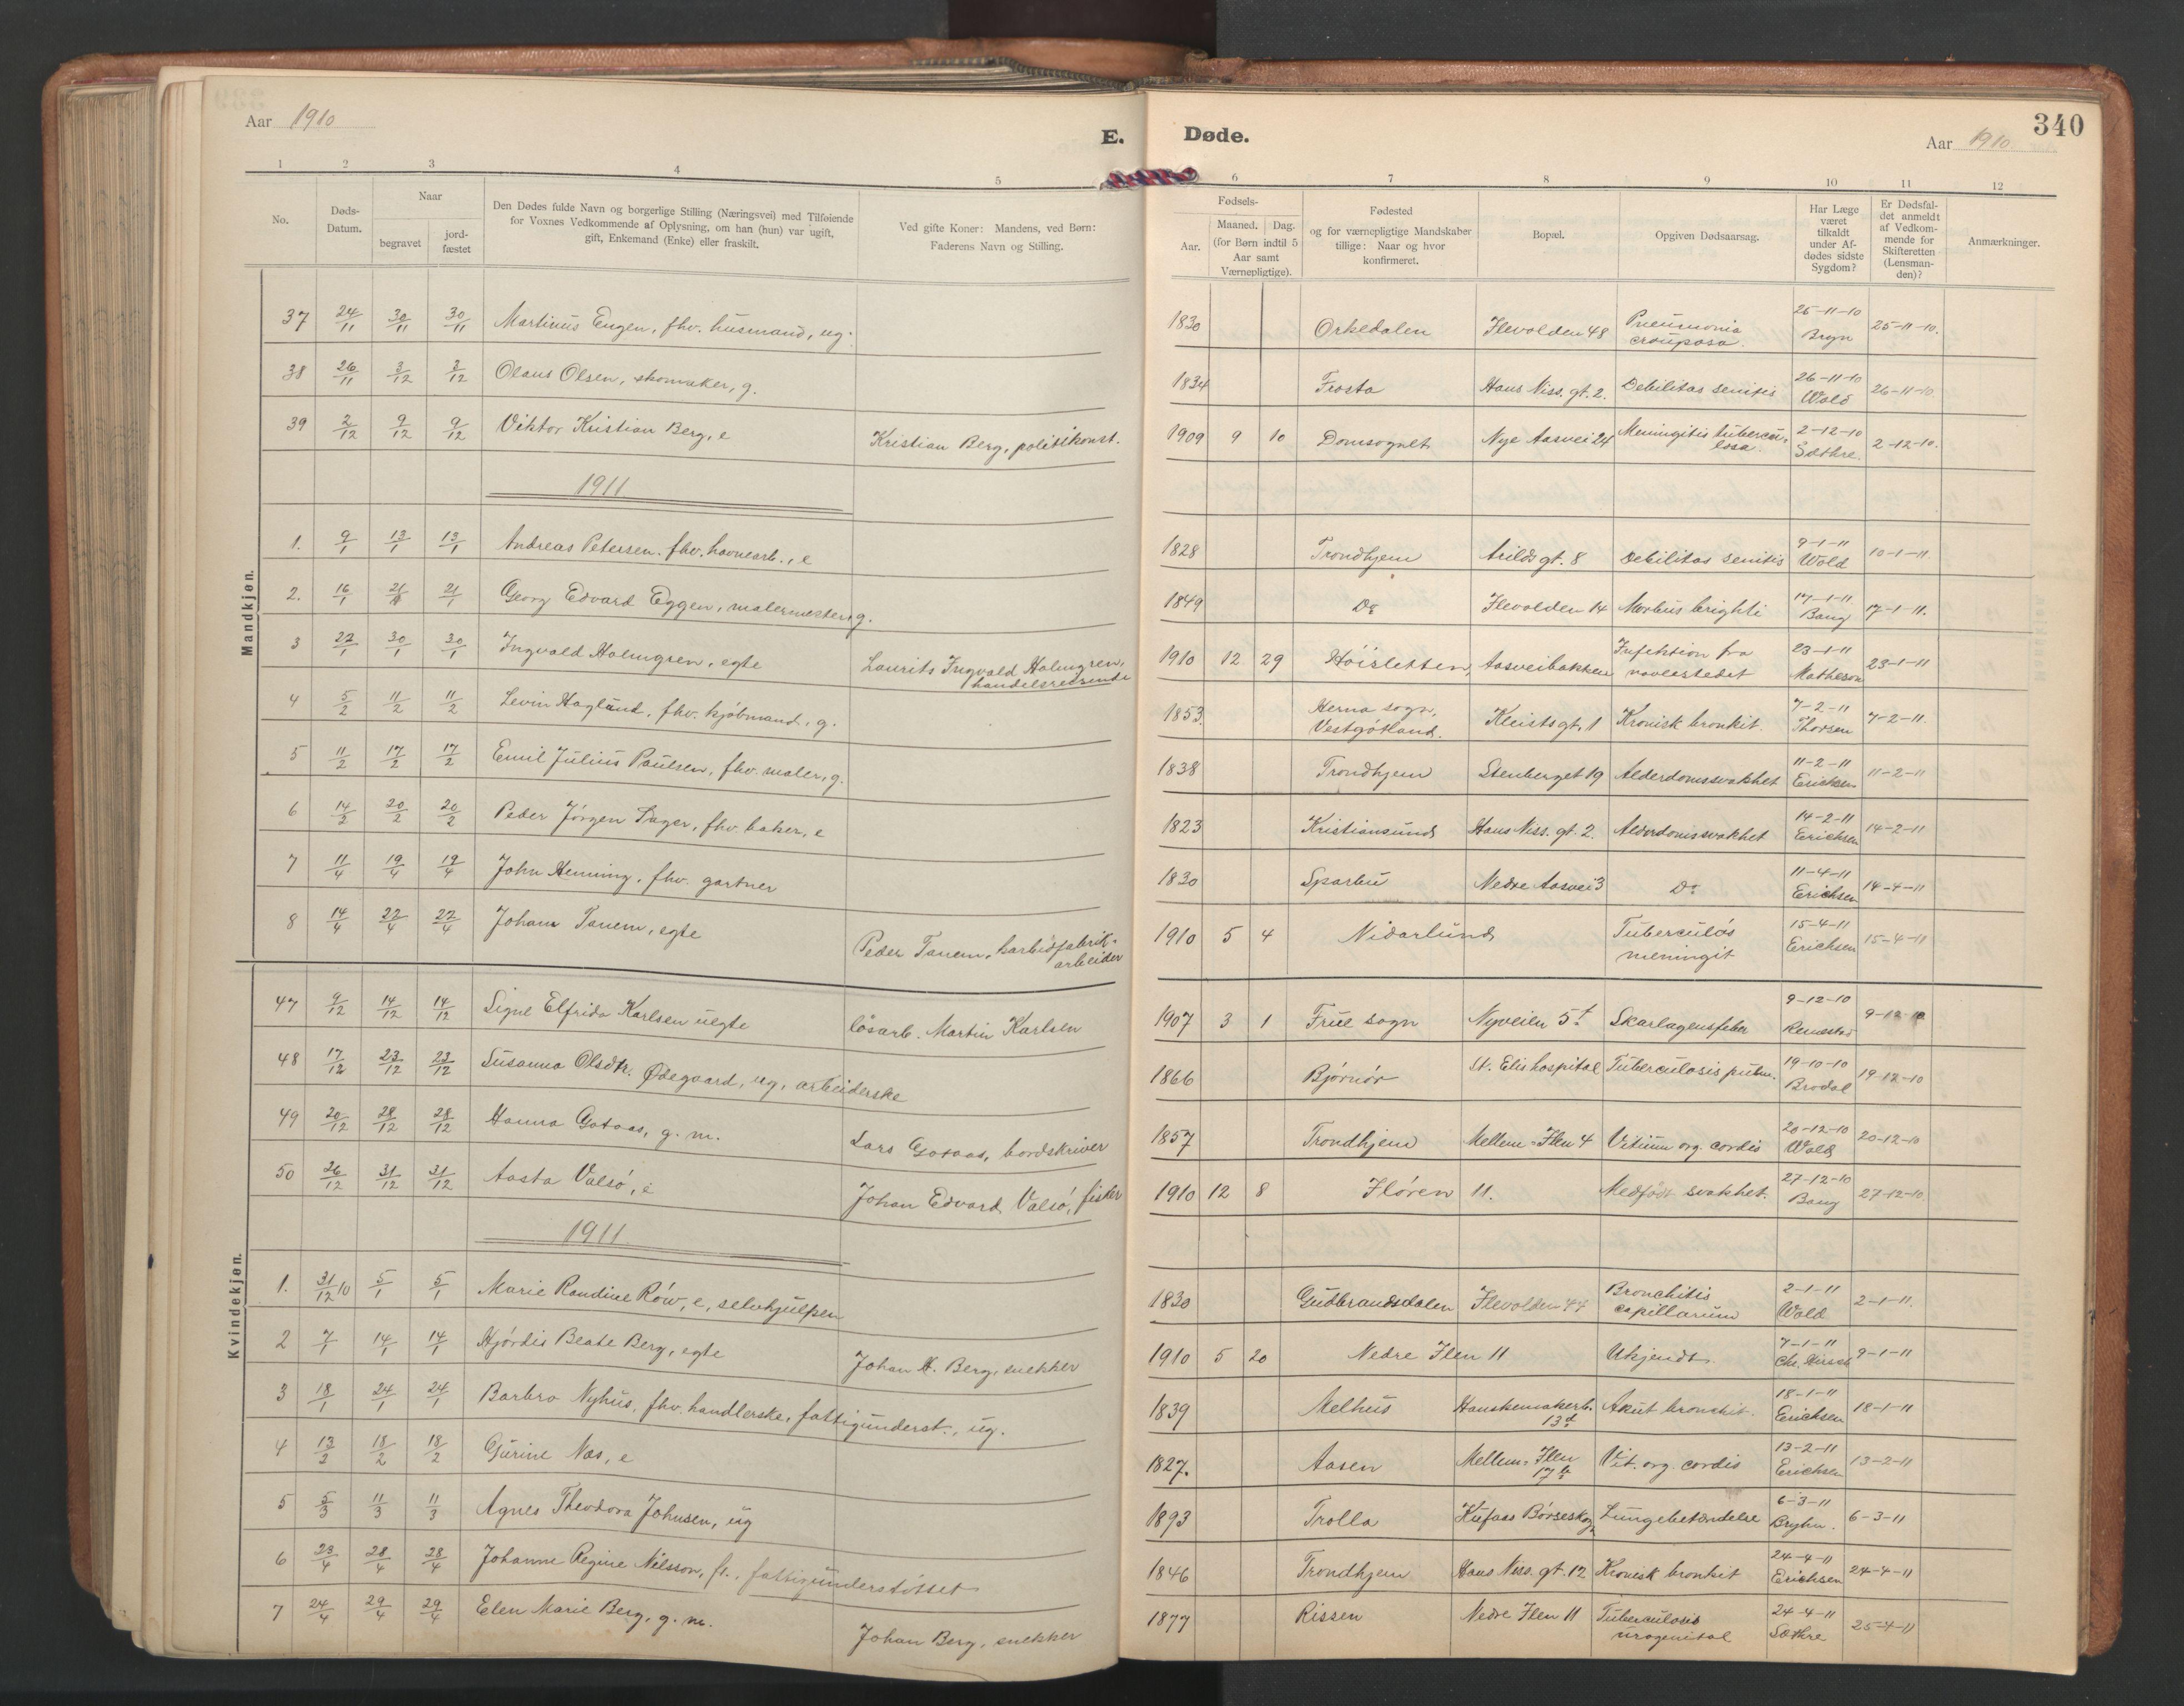 SAT, Ministerialprotokoller, klokkerbøker og fødselsregistre - Sør-Trøndelag, 603/L0173: Klokkerbok nr. 603C01, 1907-1962, s. 340